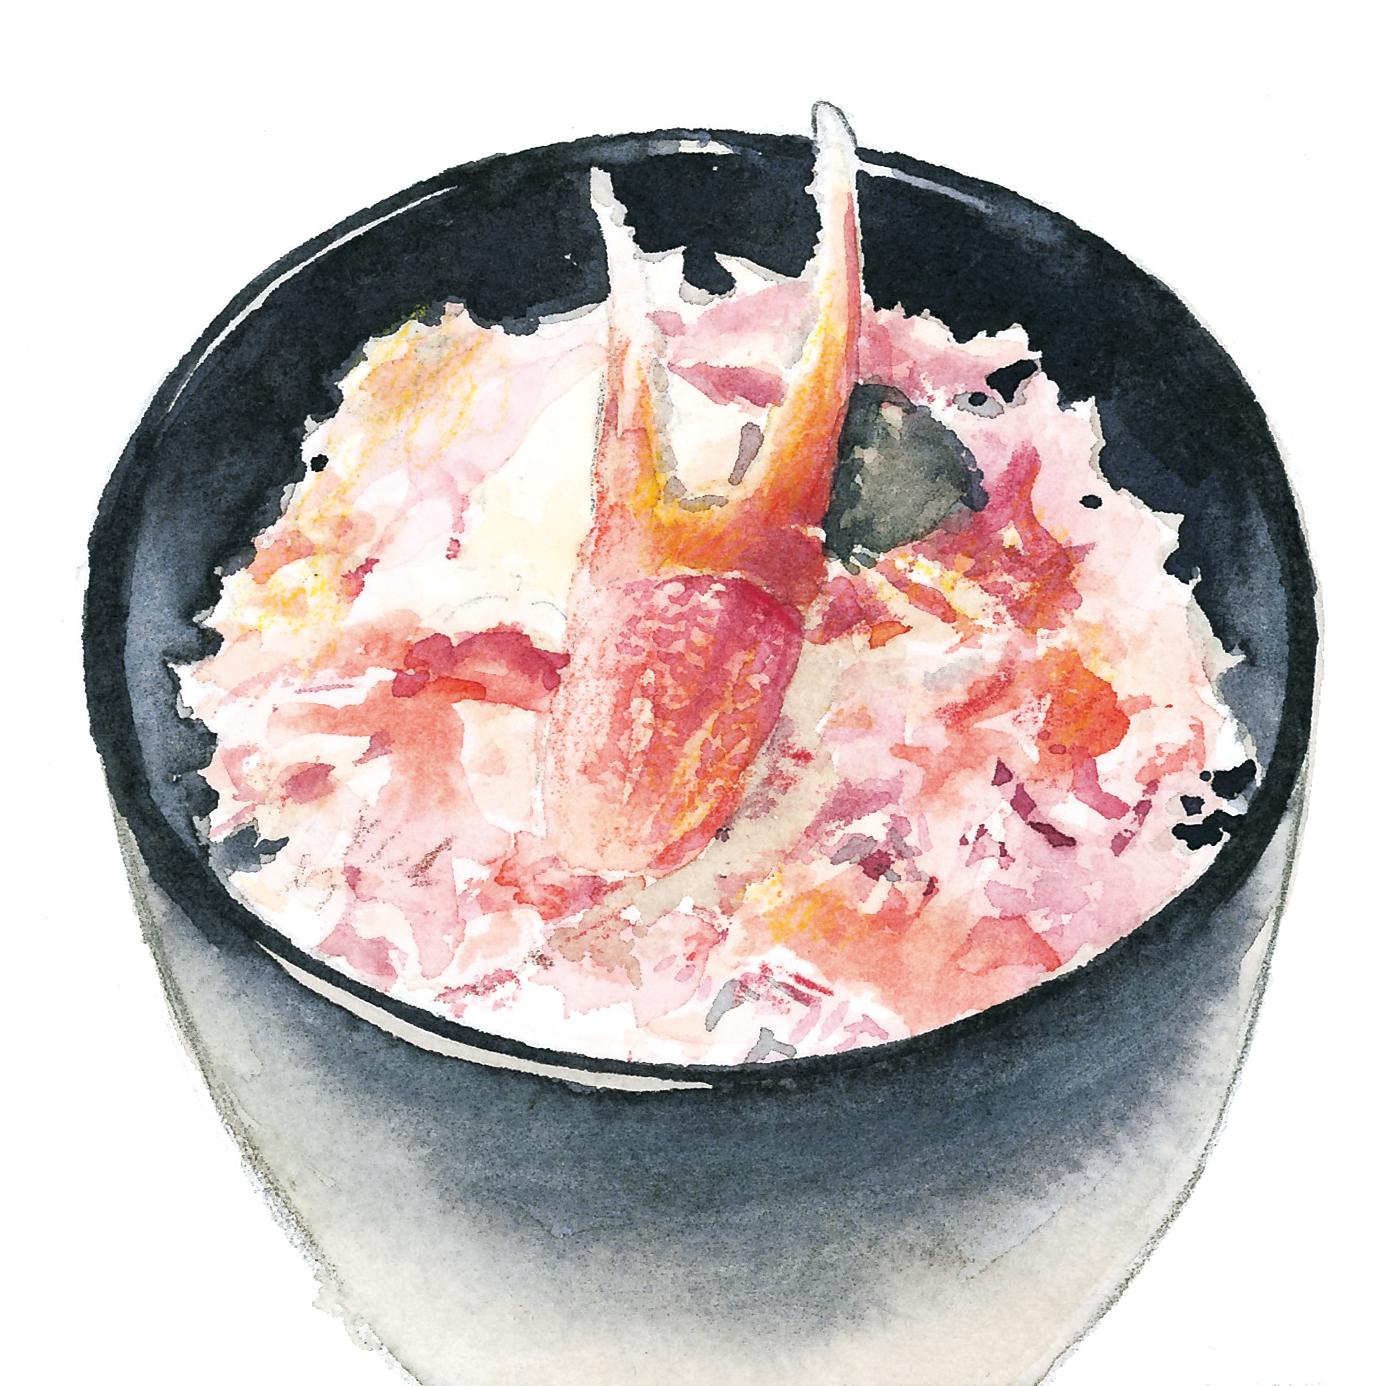 ナビカーズ vol.42 かに丼 水彩食べ物イラスト